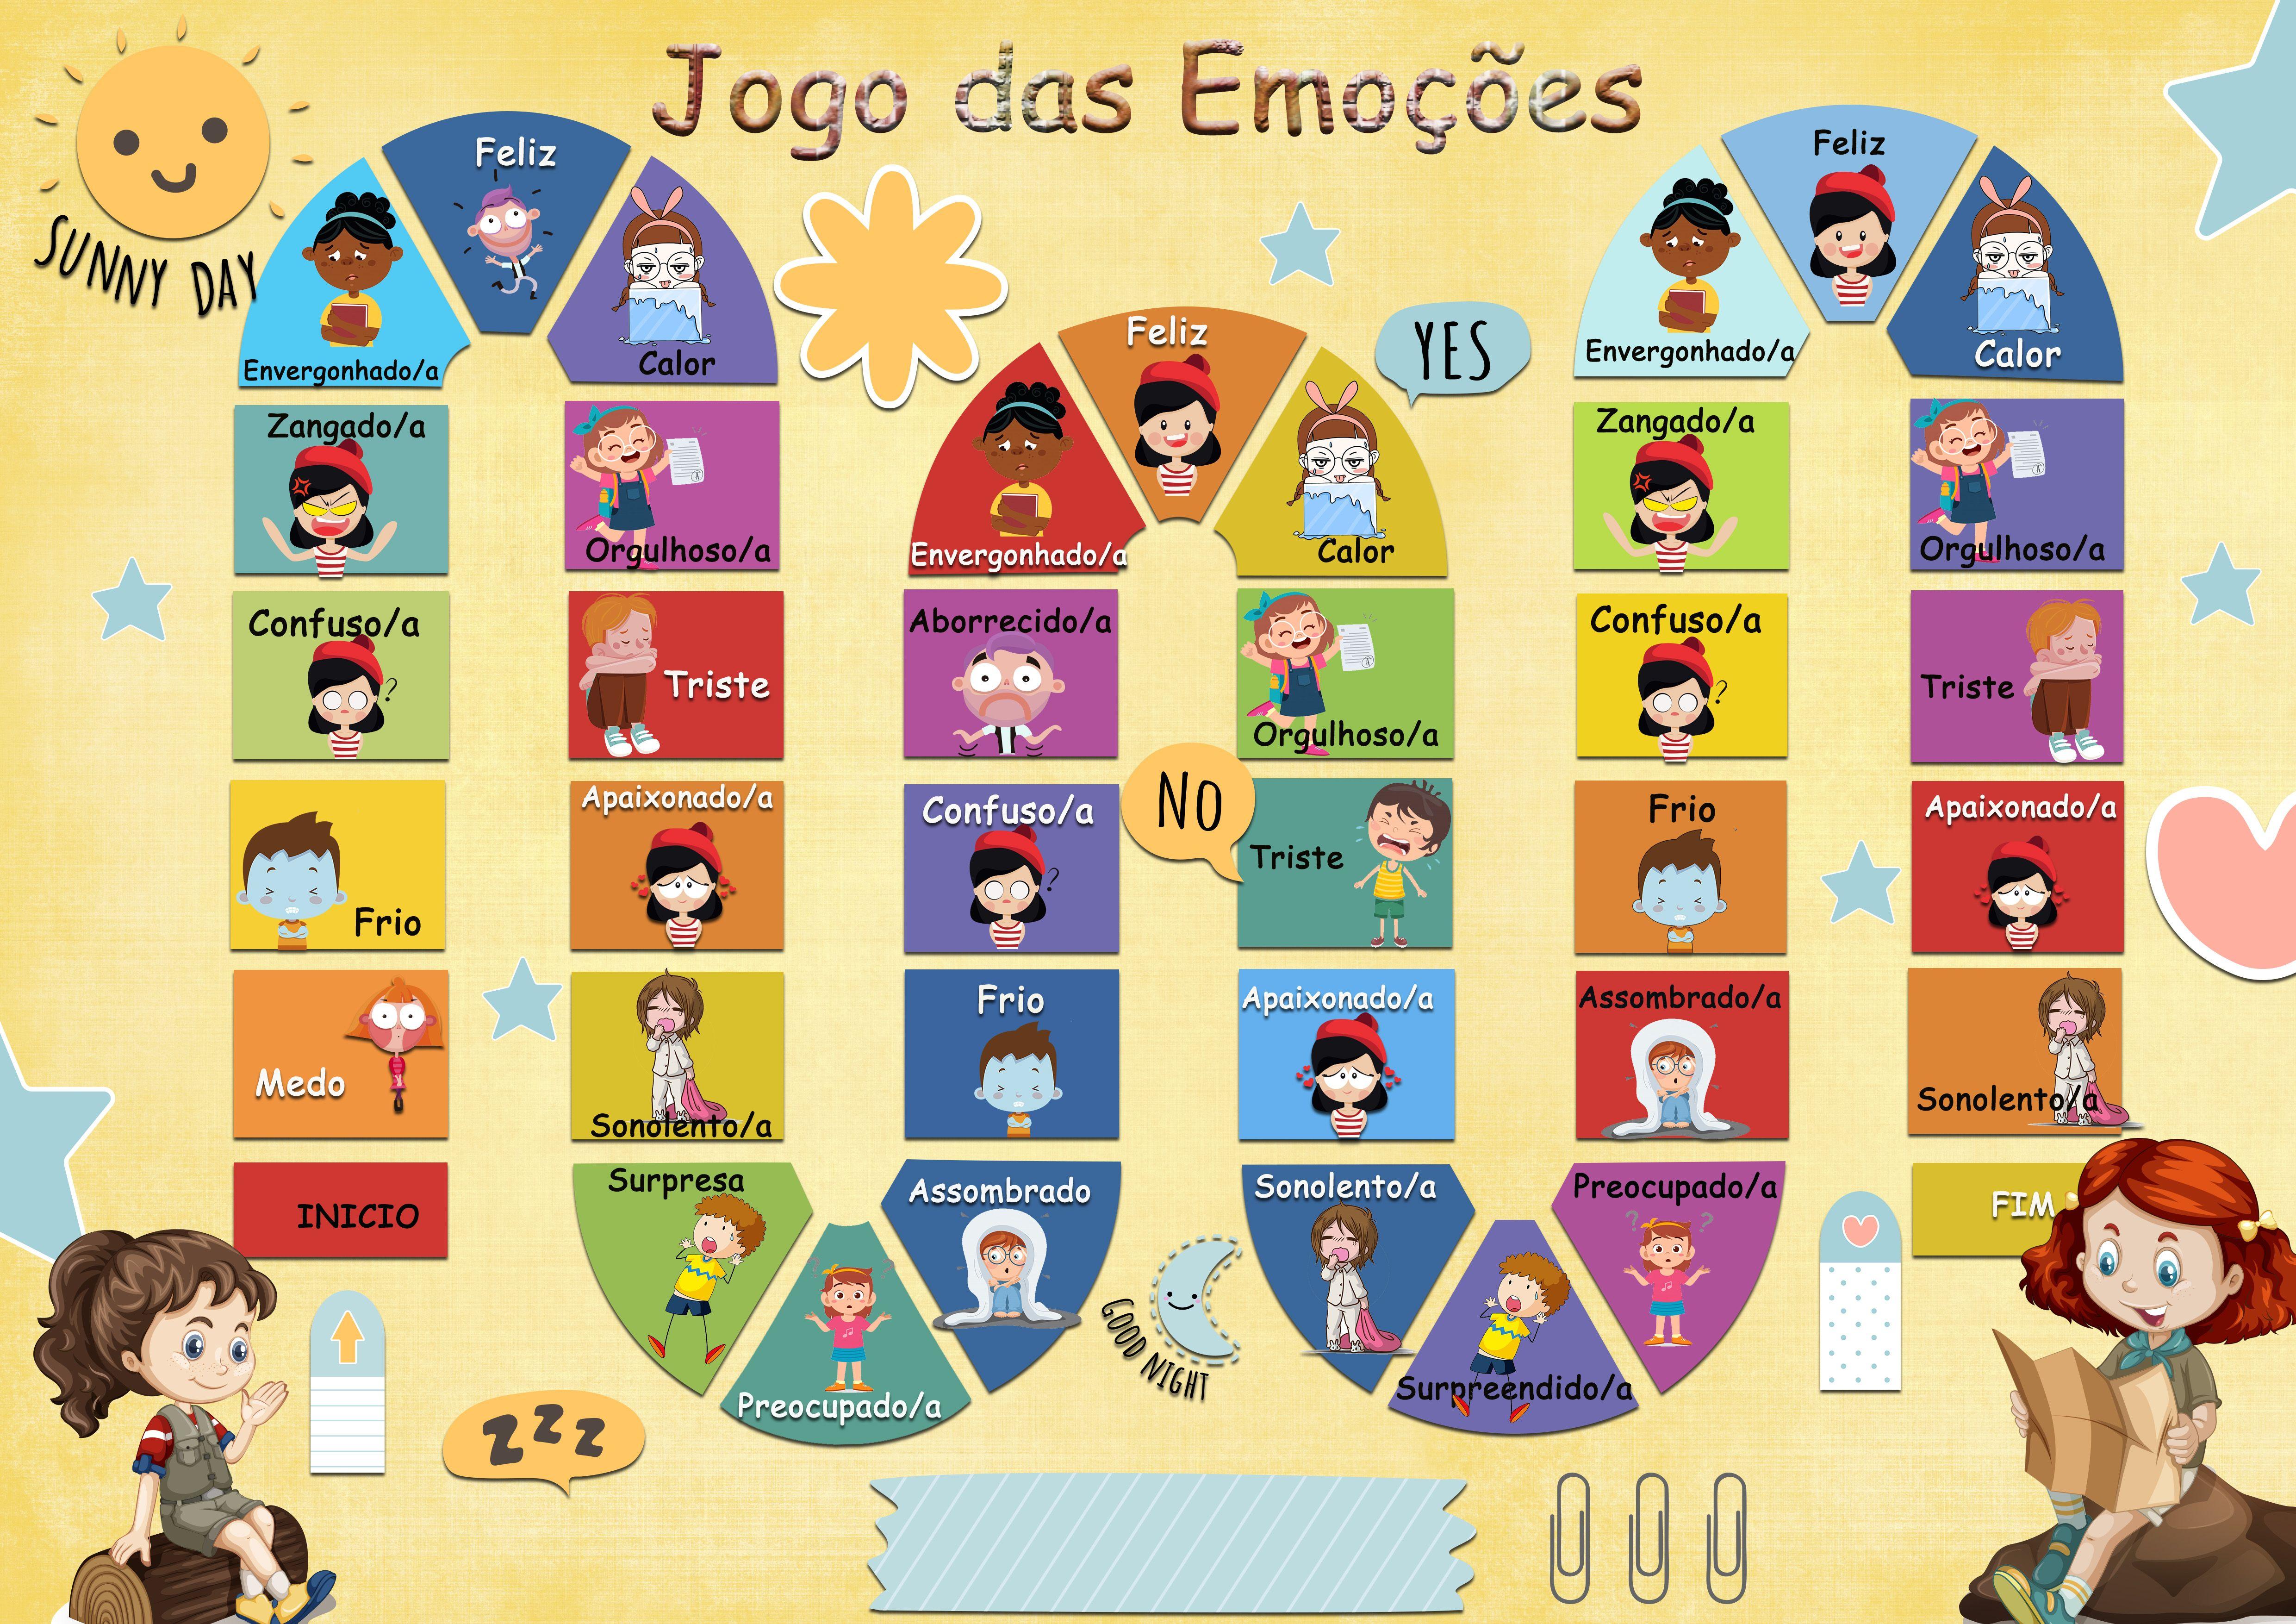 Jogo Das Emocoes Jogos De Tabuleiro Emocoes Yoga Para Criancas